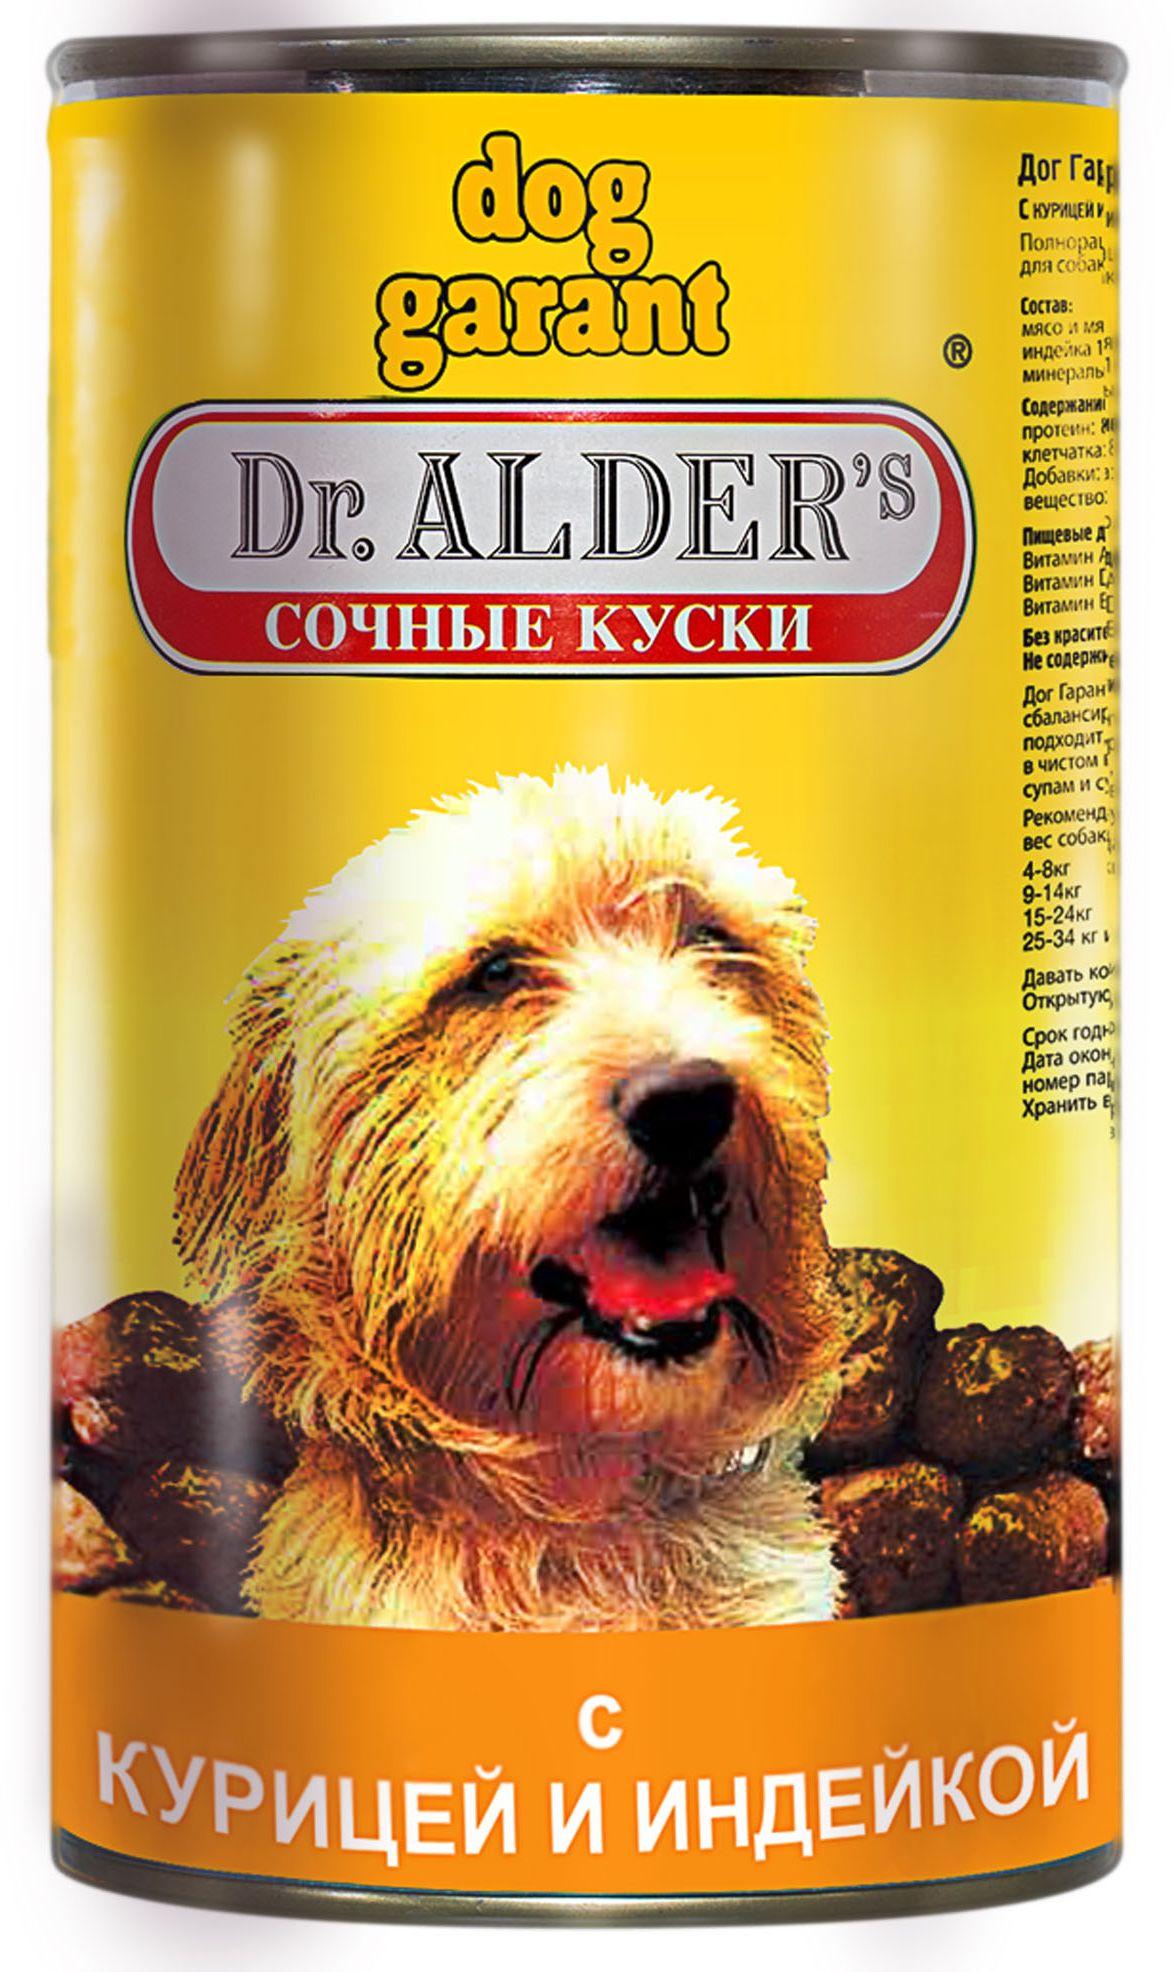 Dr. Alders Dog Garant. Курица, индейка, консервы для собак кусочки в соусе, 1,23 кг0120710Полнорационный сбалансированный корм, сочные кусочки в соусе, для ежедневного кормления.